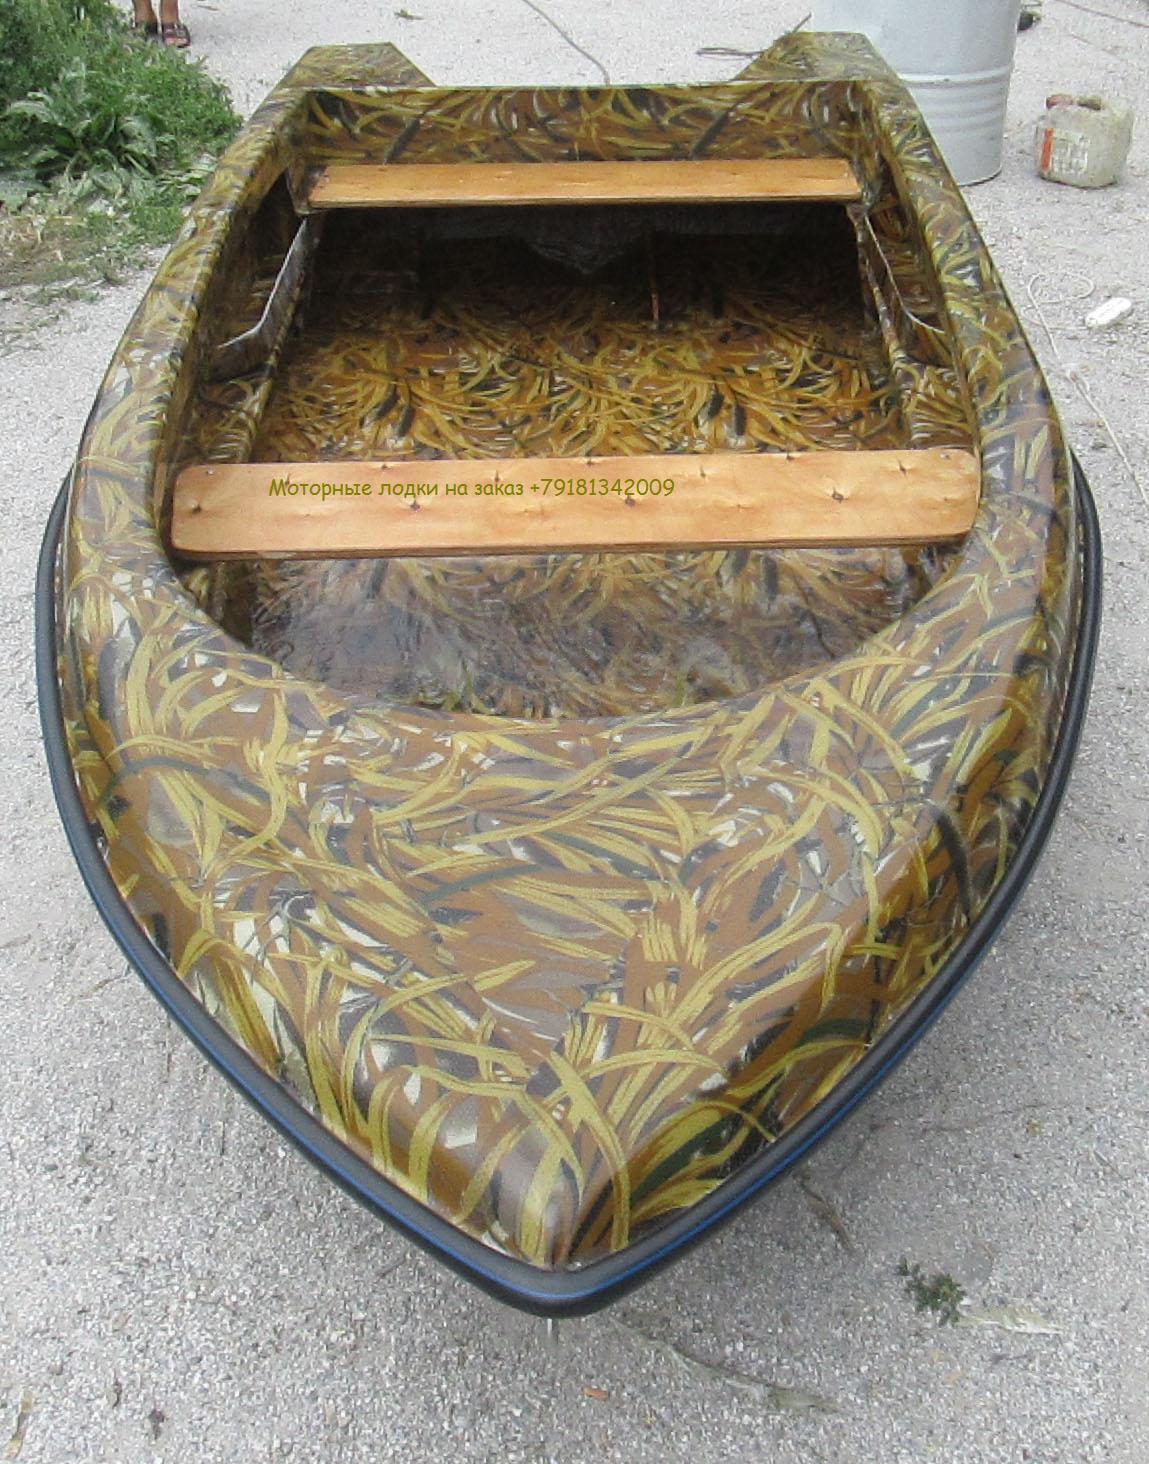 Купить лодку лиман нижний новгород